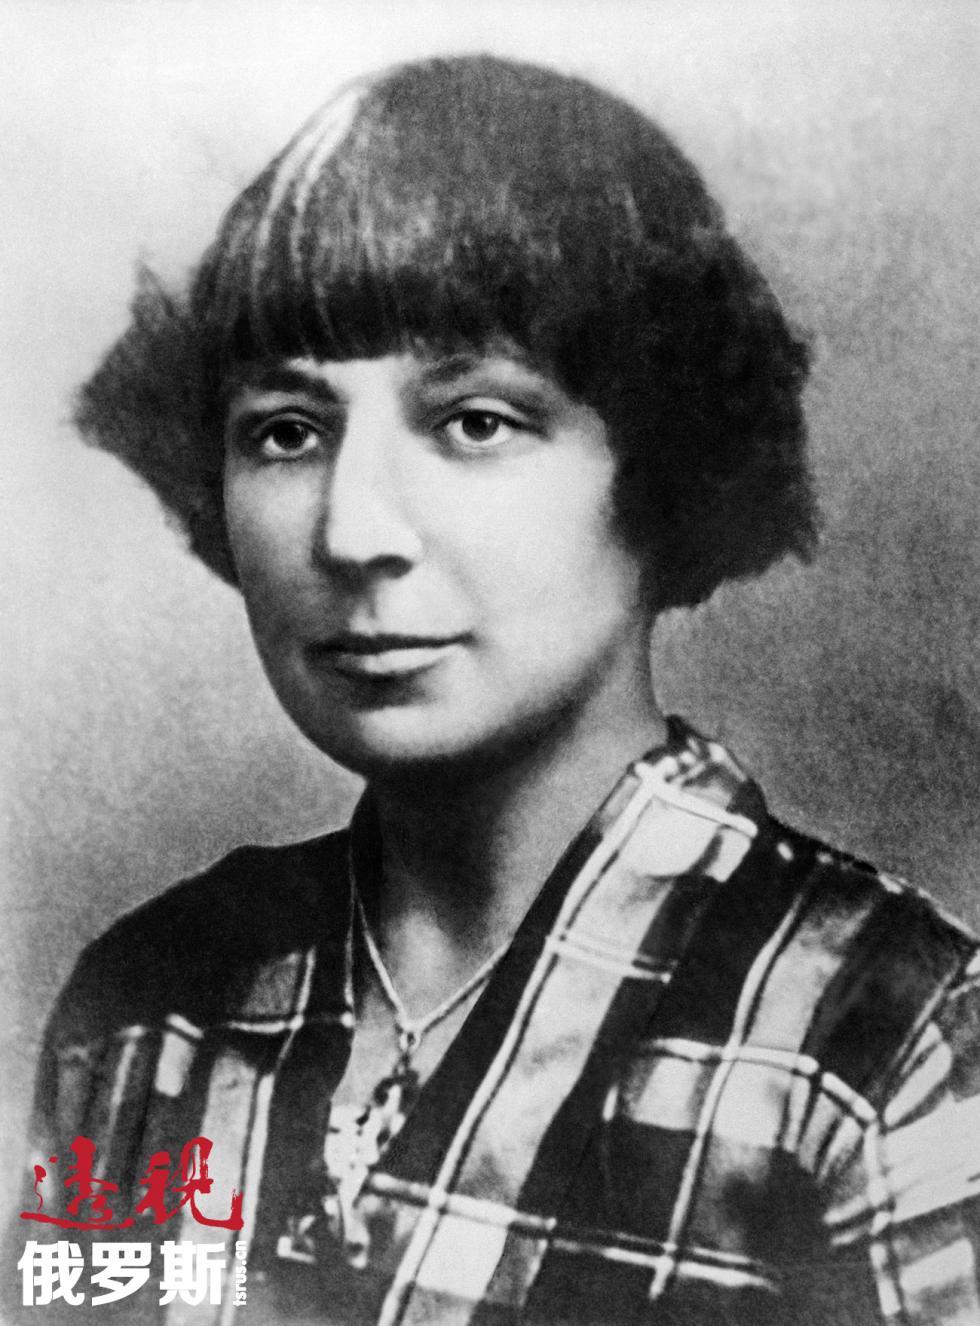 俄罗斯诗人玛丽娜·茨维塔耶娃。图片来源:塔斯社